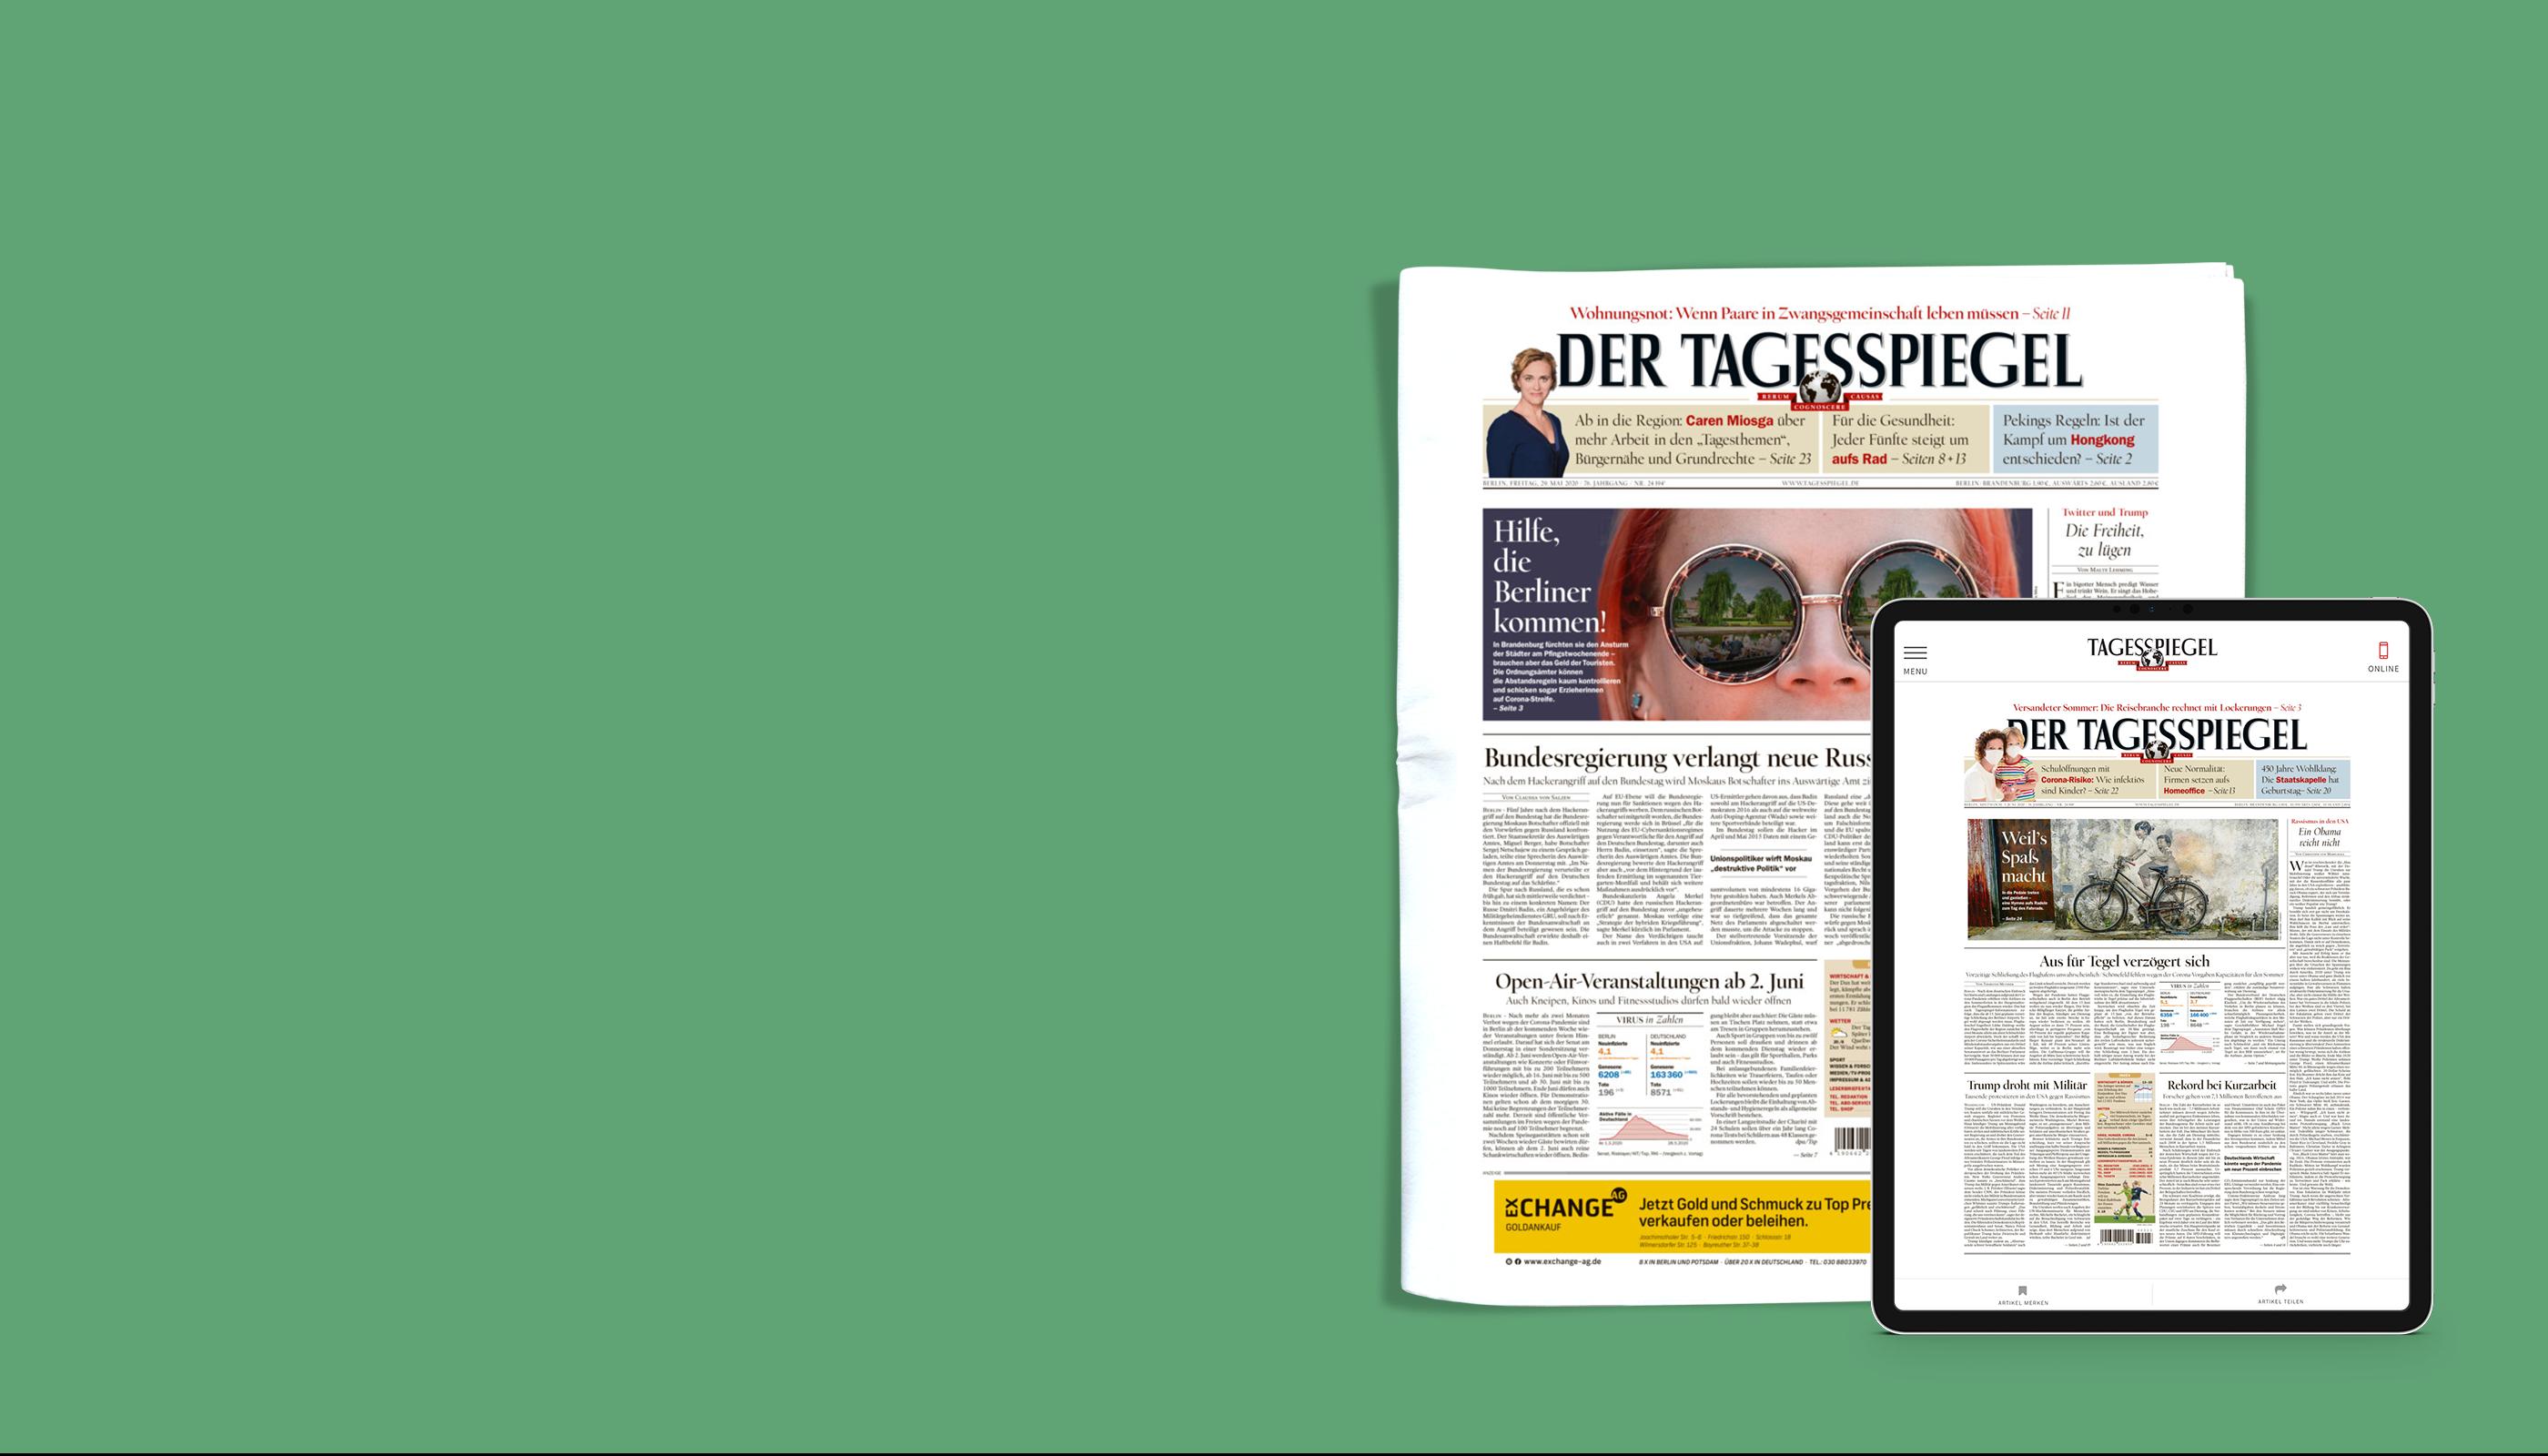 Täglich digital und die Zeitung am Wochenende